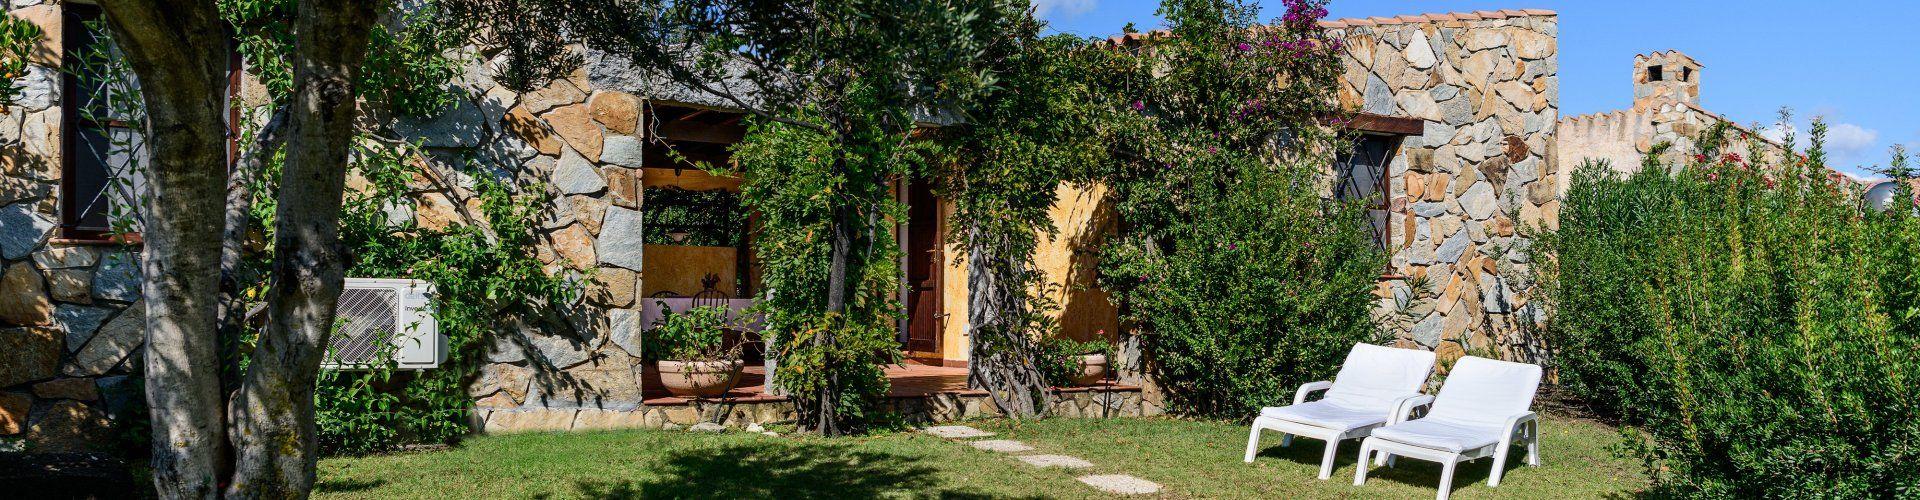 Großer Garten  mit Sonnenliegen Meloni 1 in Sant Elmo